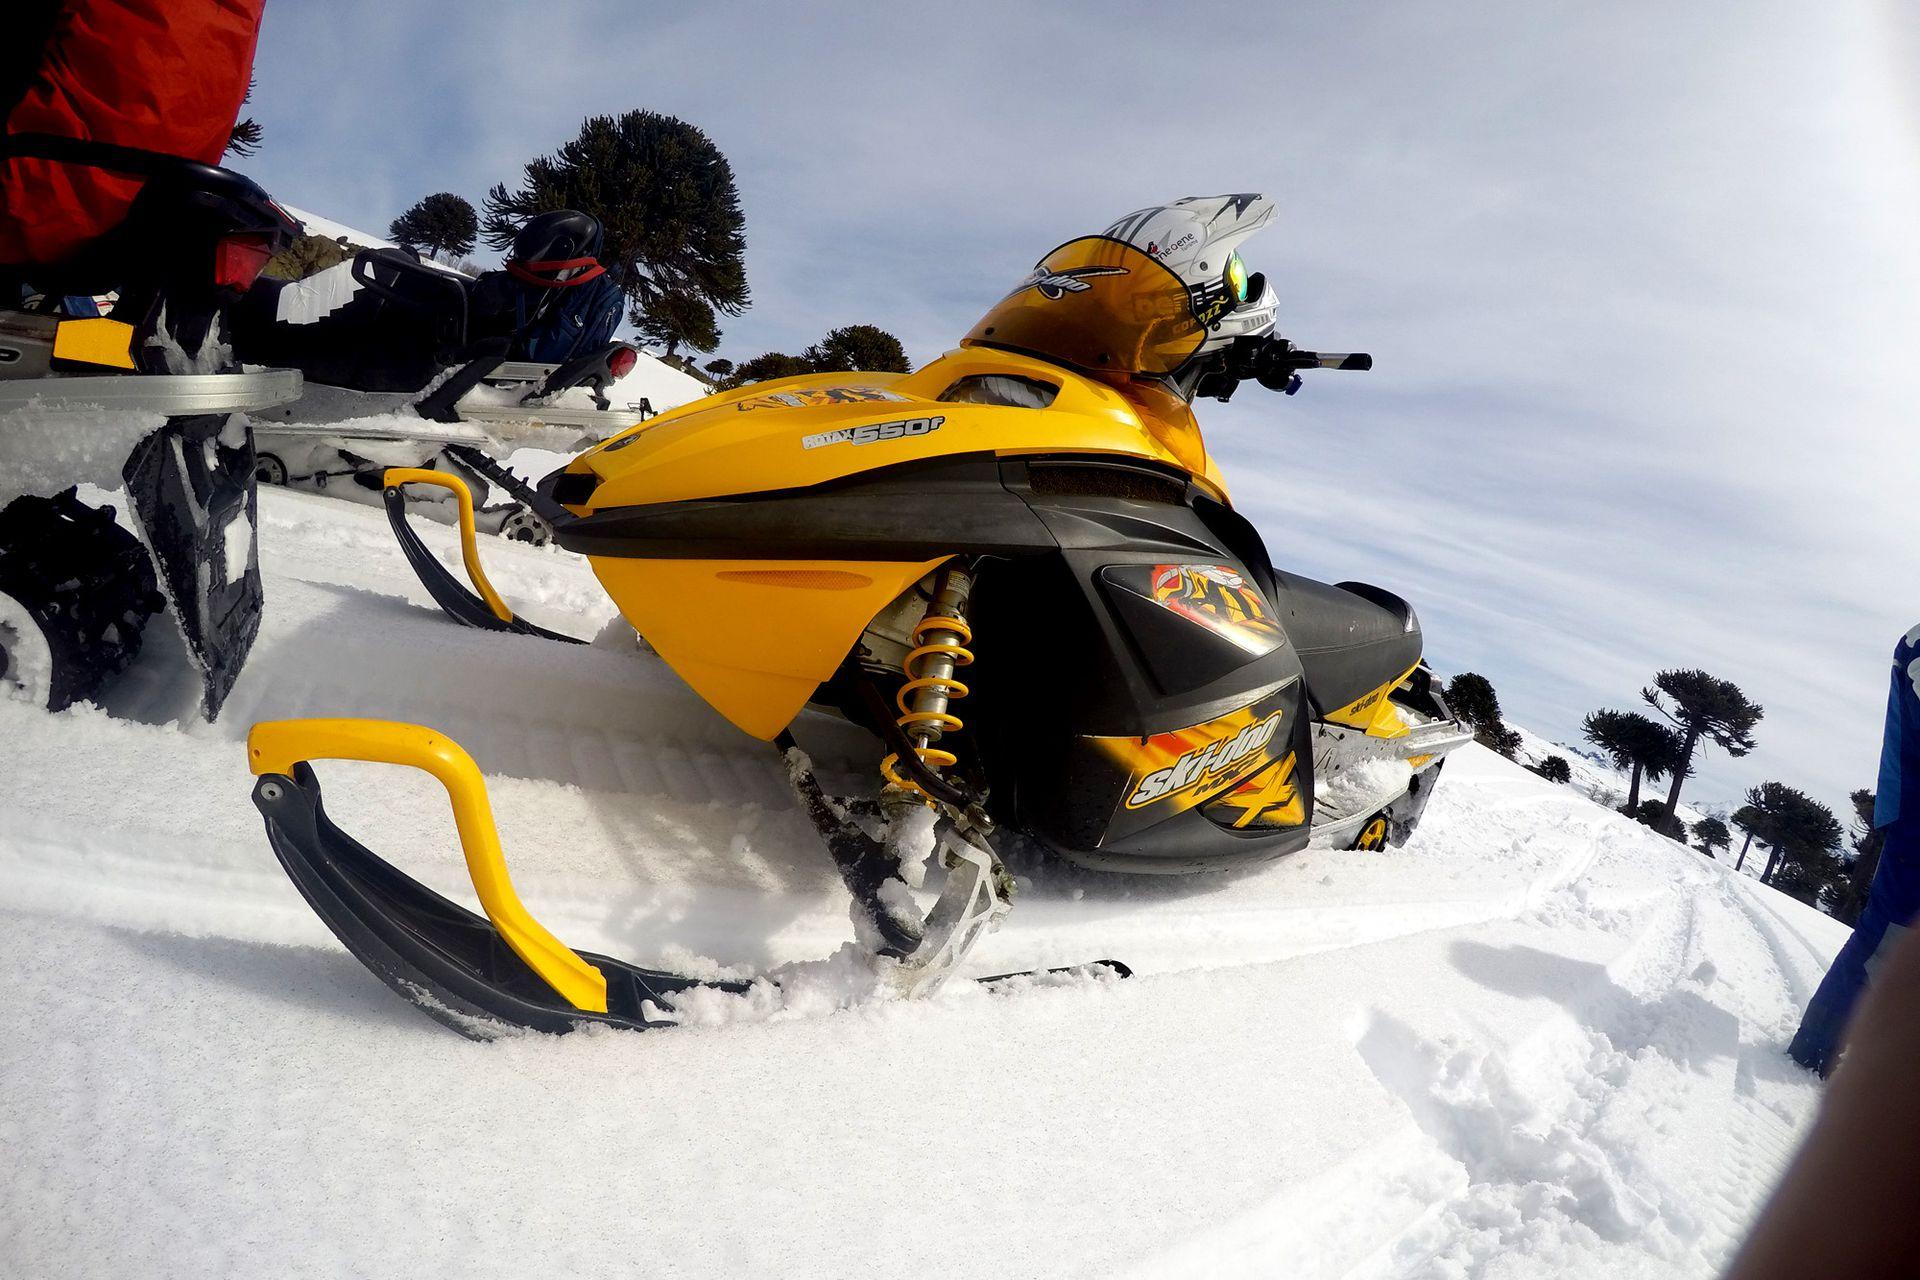 Ir a la cima del volcán Copahue en moto de nieve una experiencia inolvidable que se puede disfrutar en familia